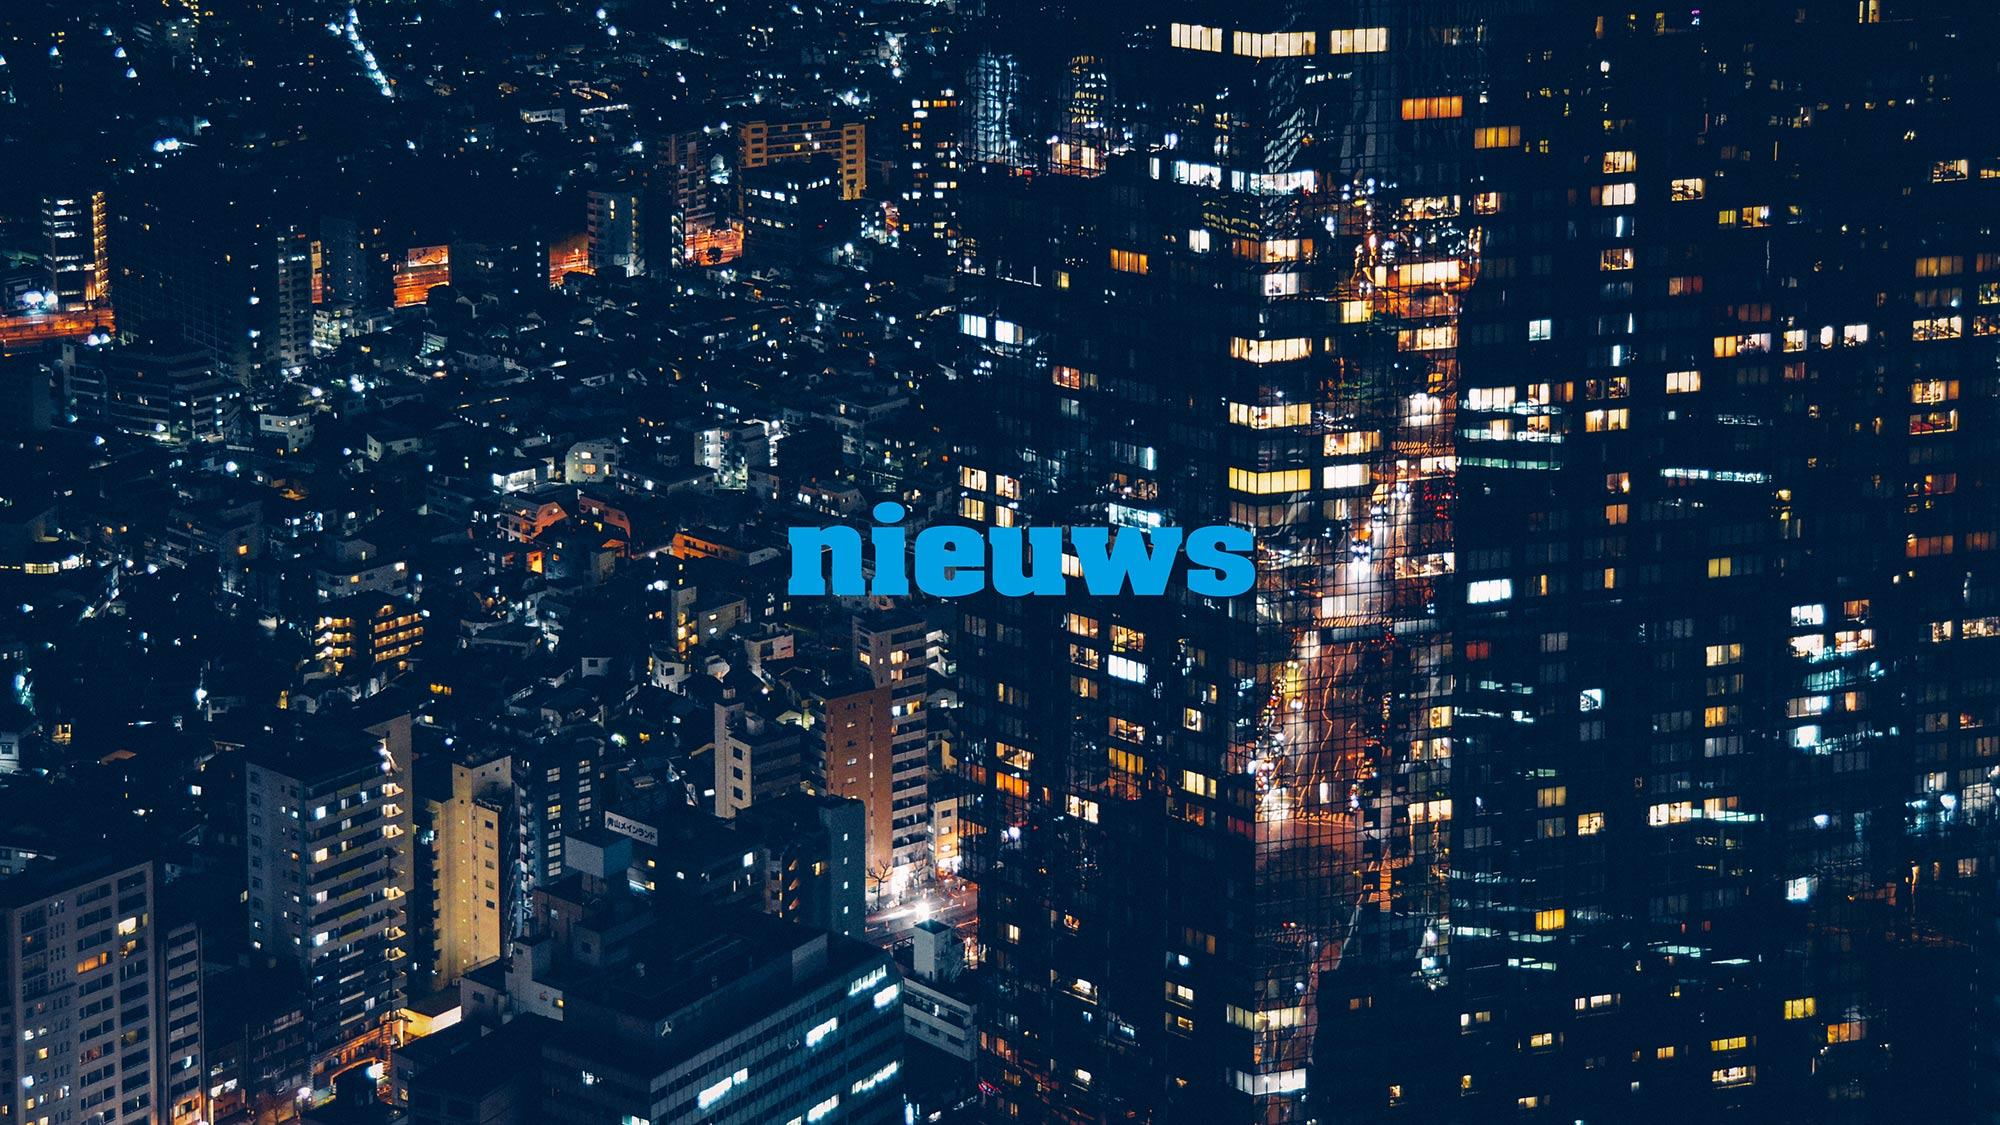 tarieven_nieuws-knipoog-web